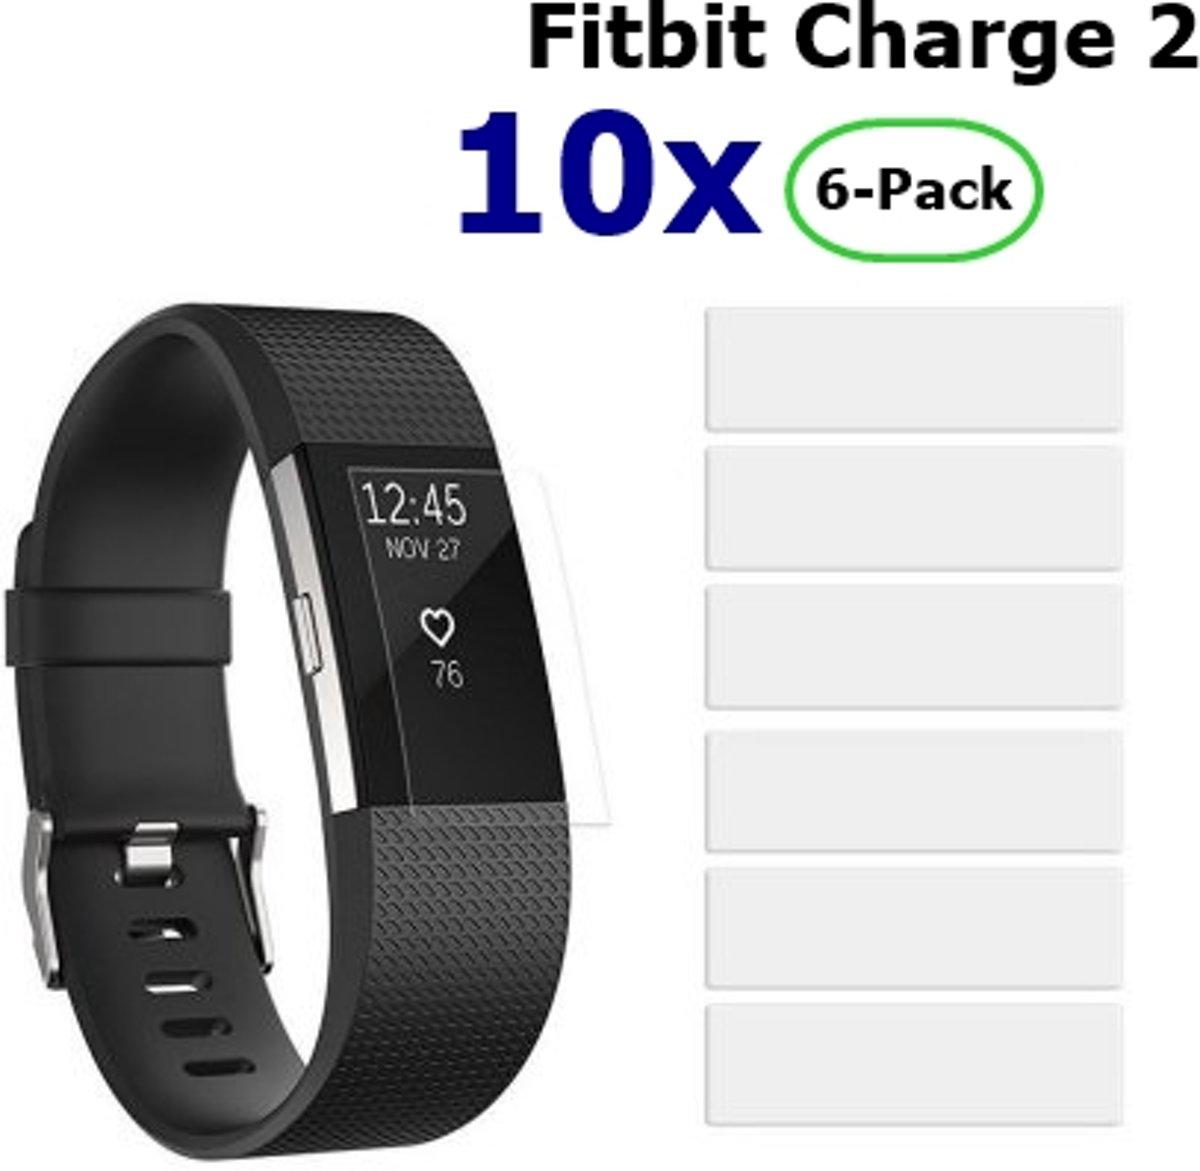 Beschermfolie voor Fitbit Charge 2 - 10x Blisters (60 stuks) kopen